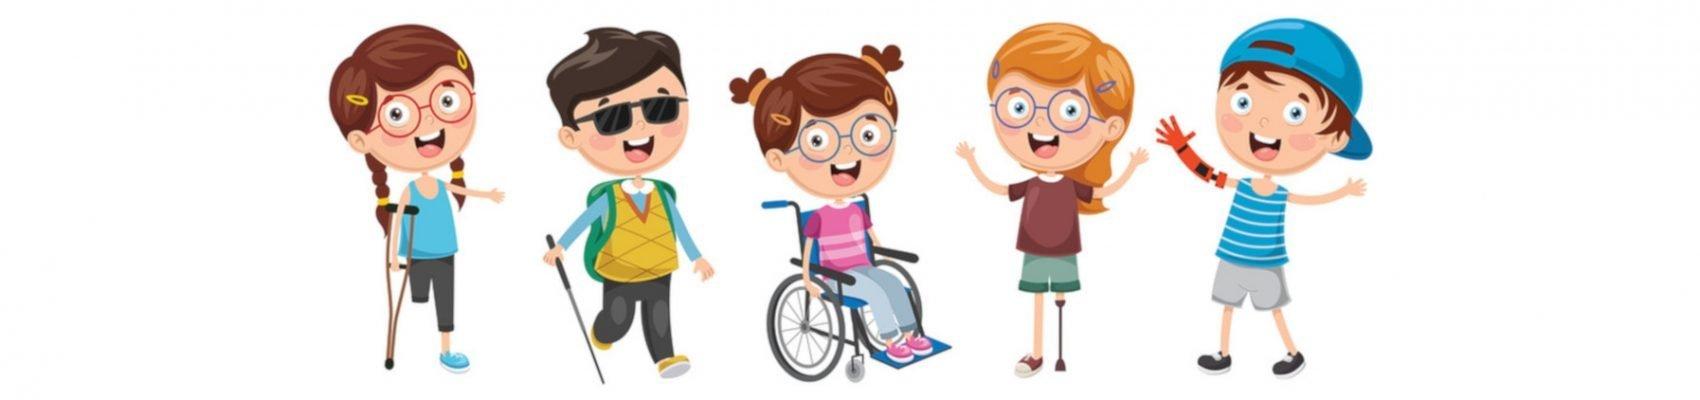 Ein Clipart stellt Kinder mit Behinderung dar.